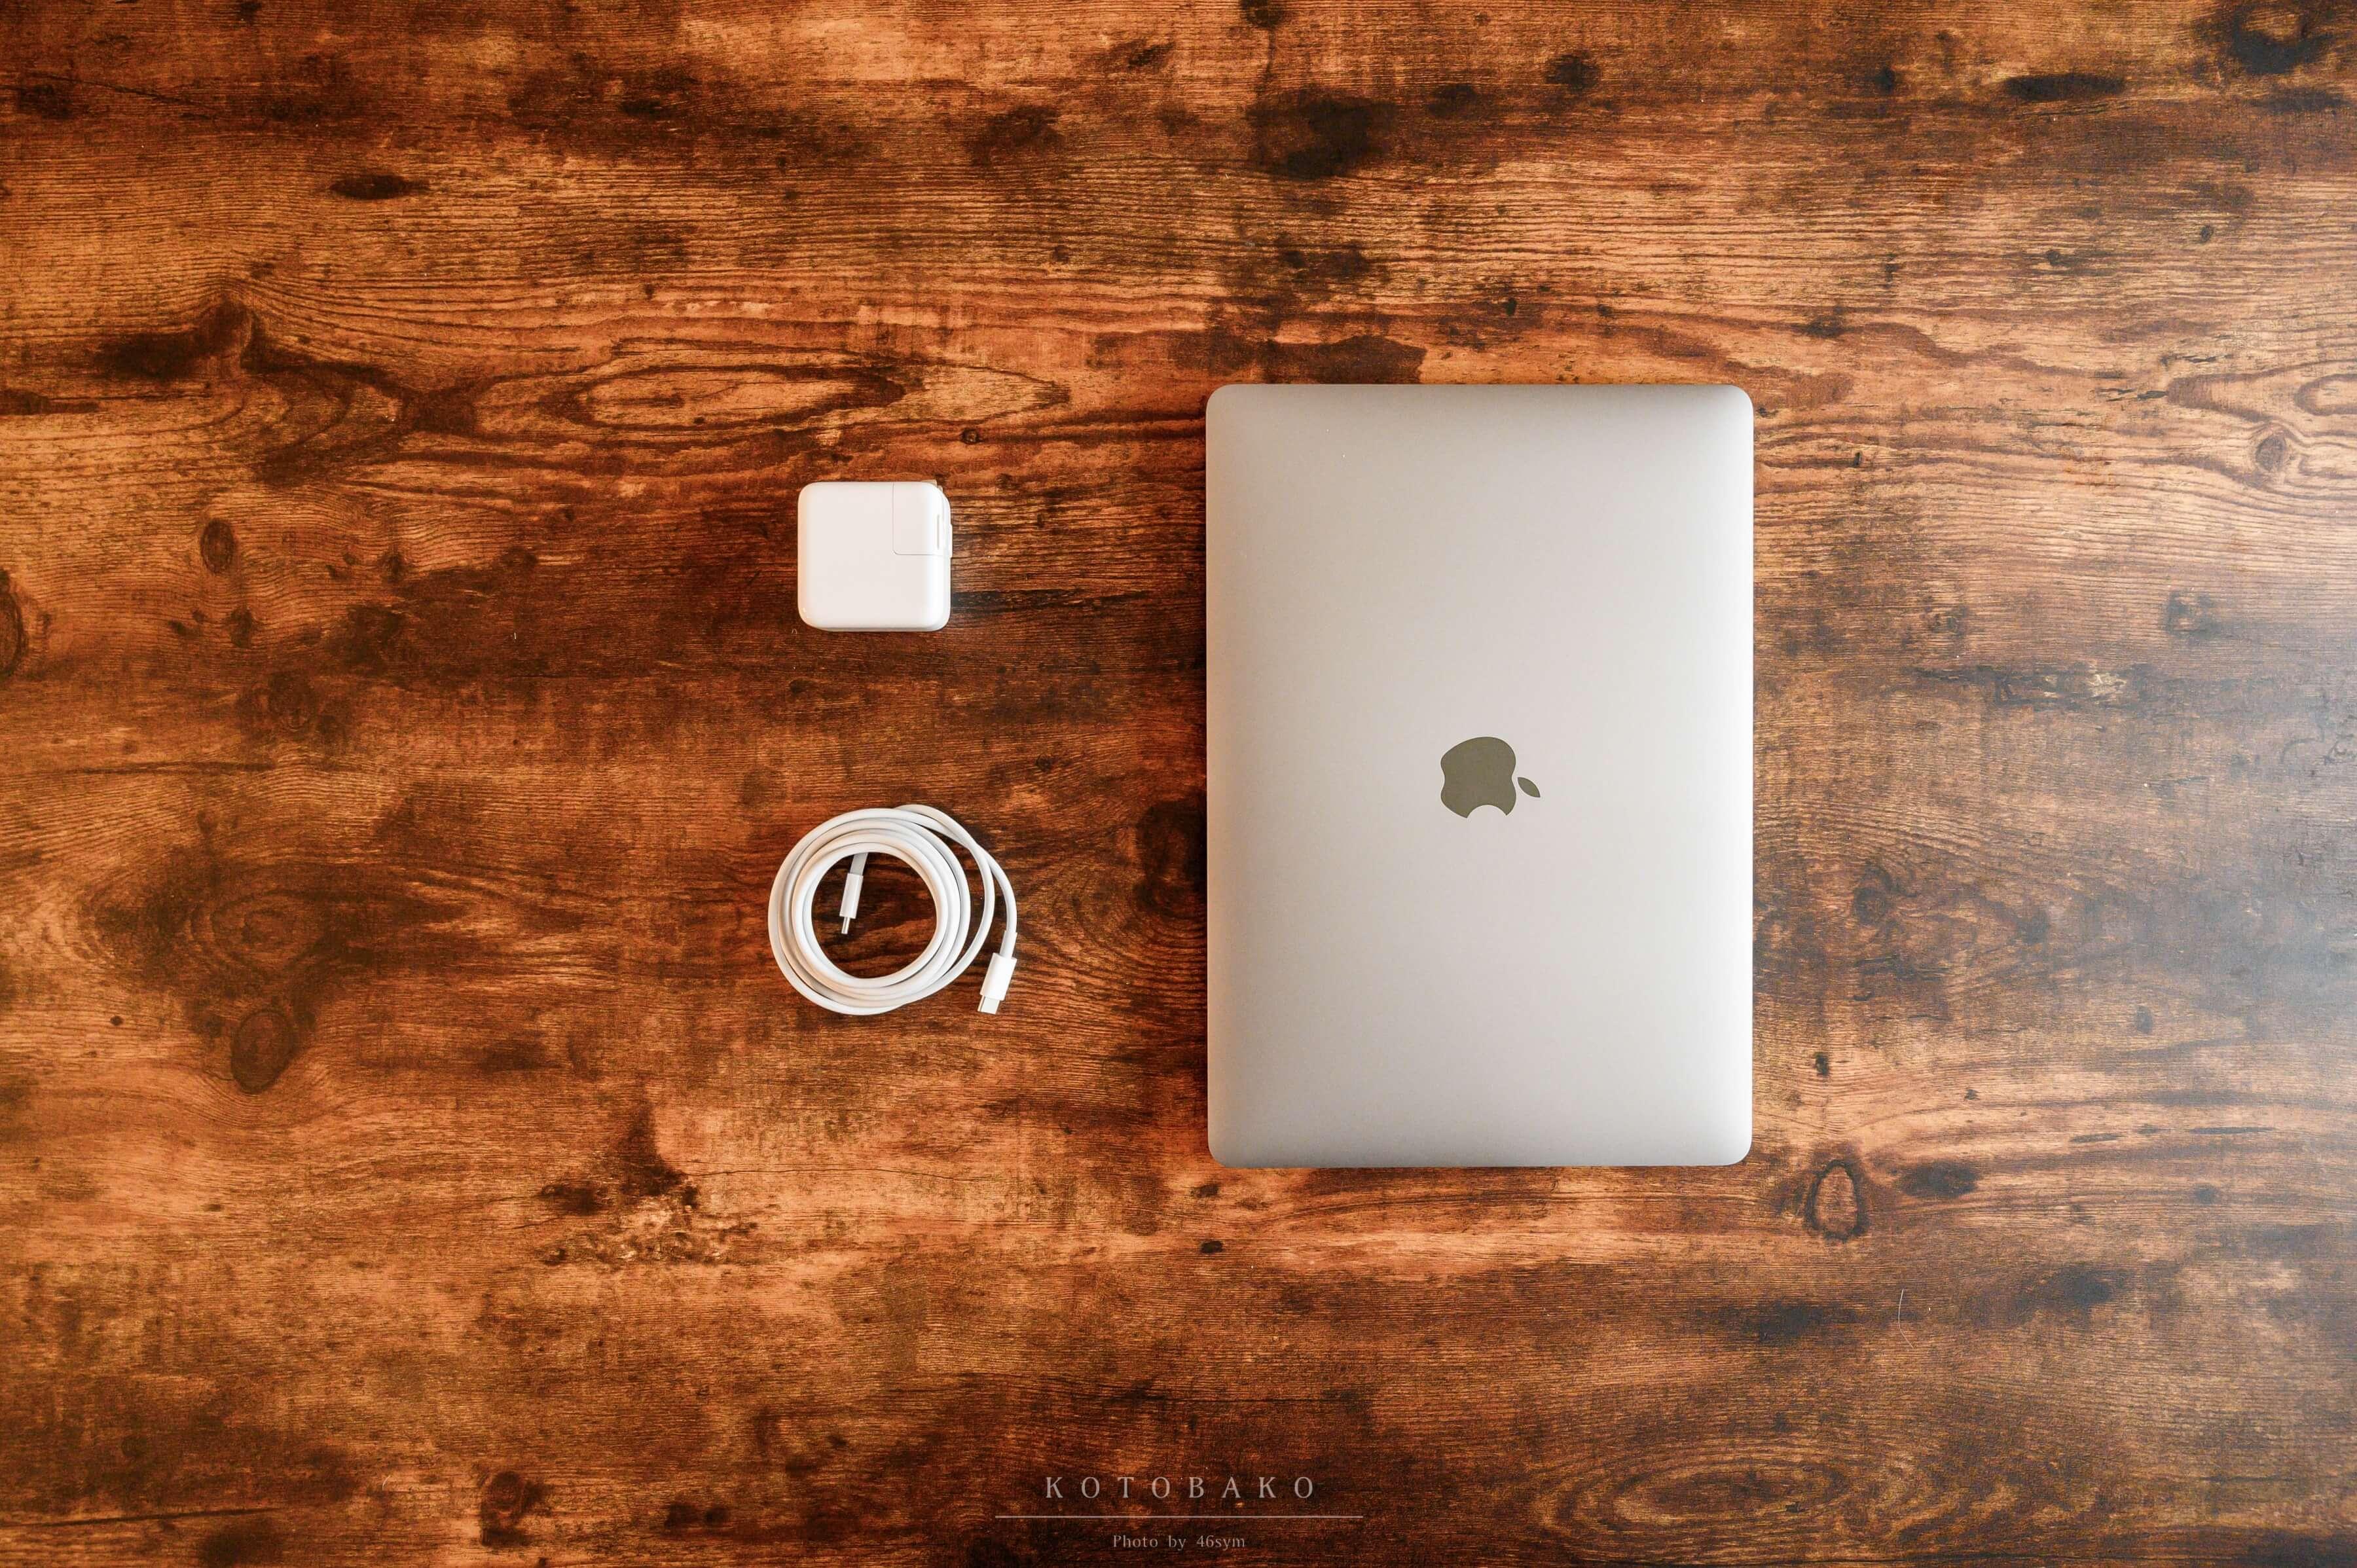 【レビュー】新型MacBook Air (2018 Retina)を標準構成で購入したファーストインプレッションと開封